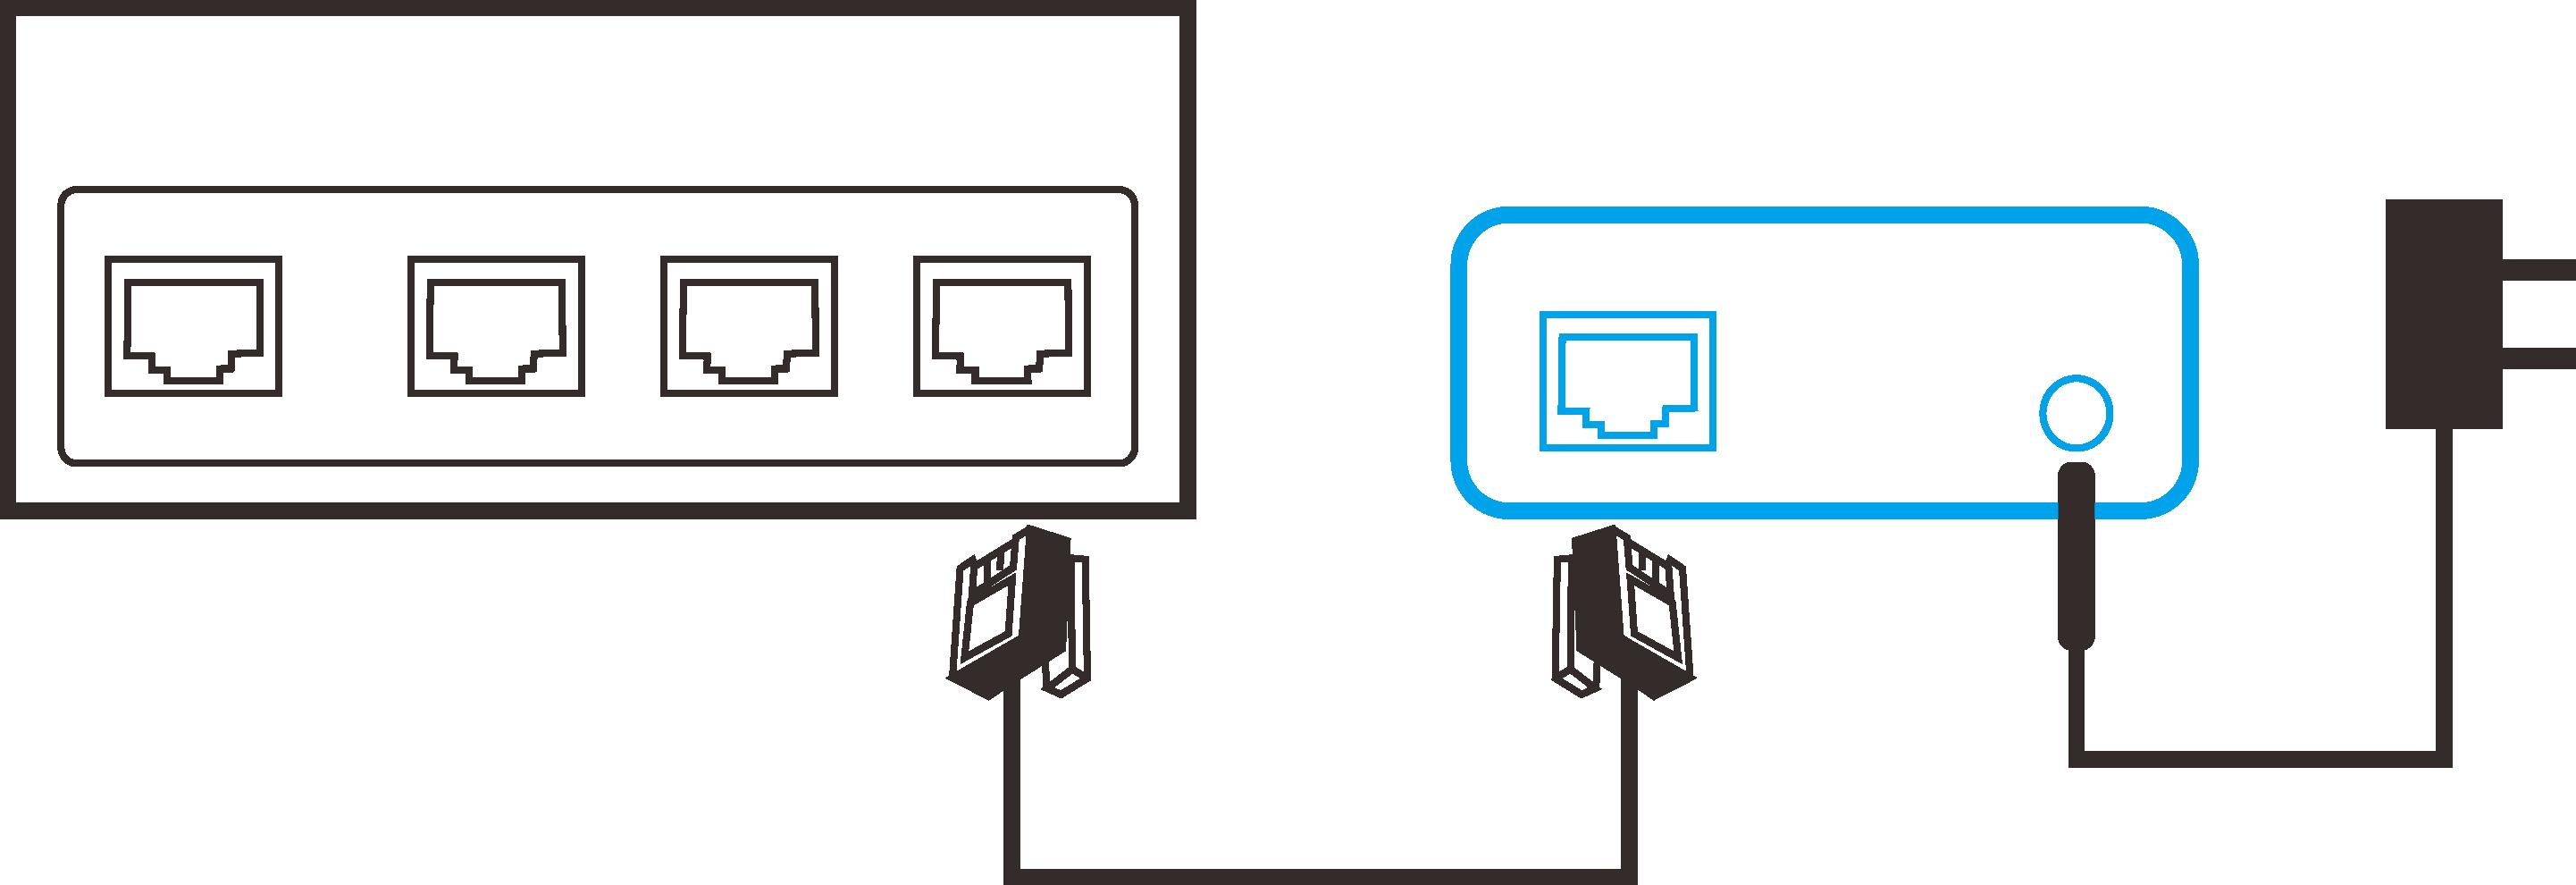 Подключение камеры к роутеру